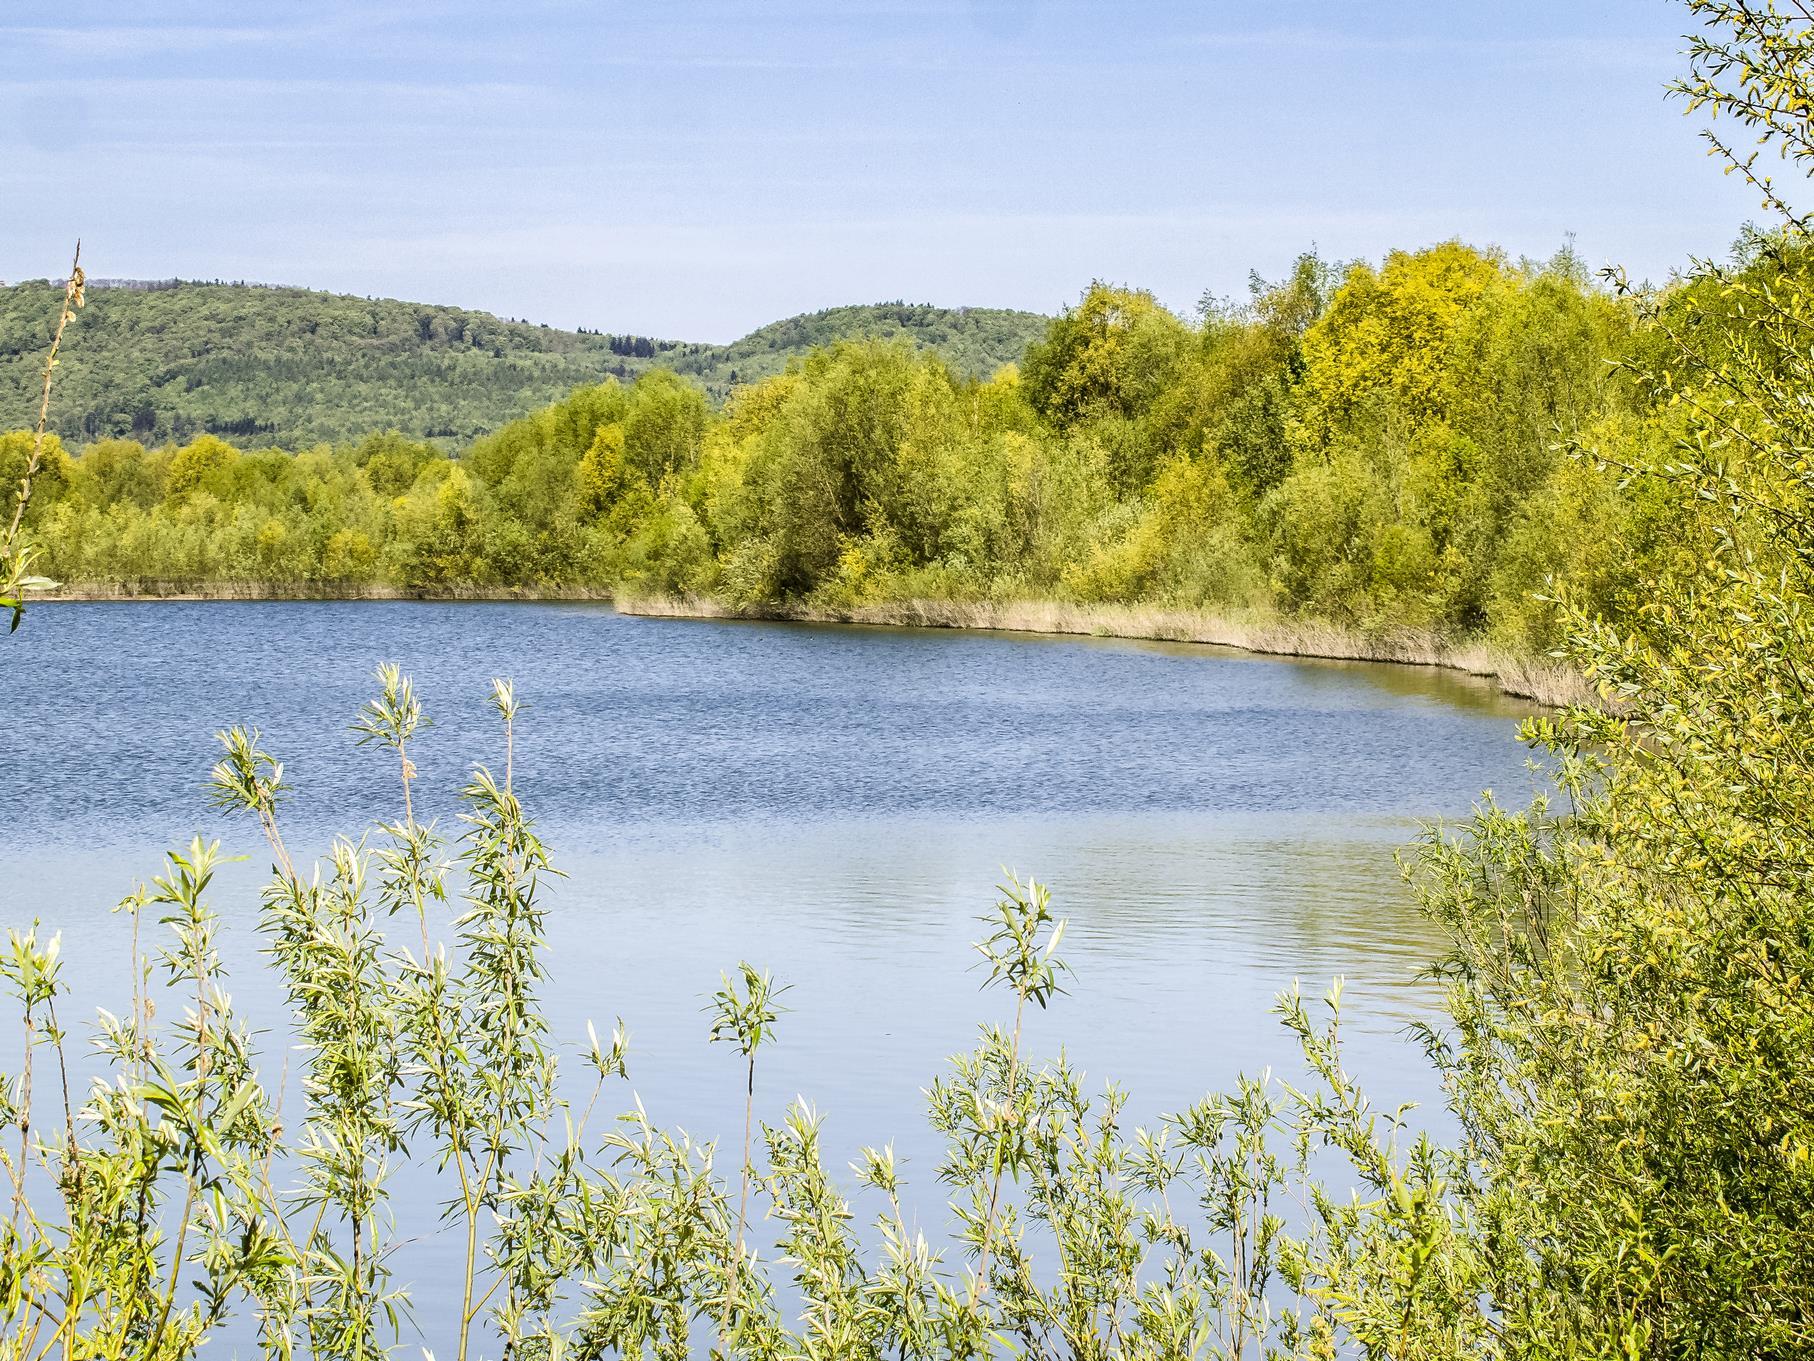 Die Uferbereiche der Kiesteiche sind im Mai grün gefärbt.